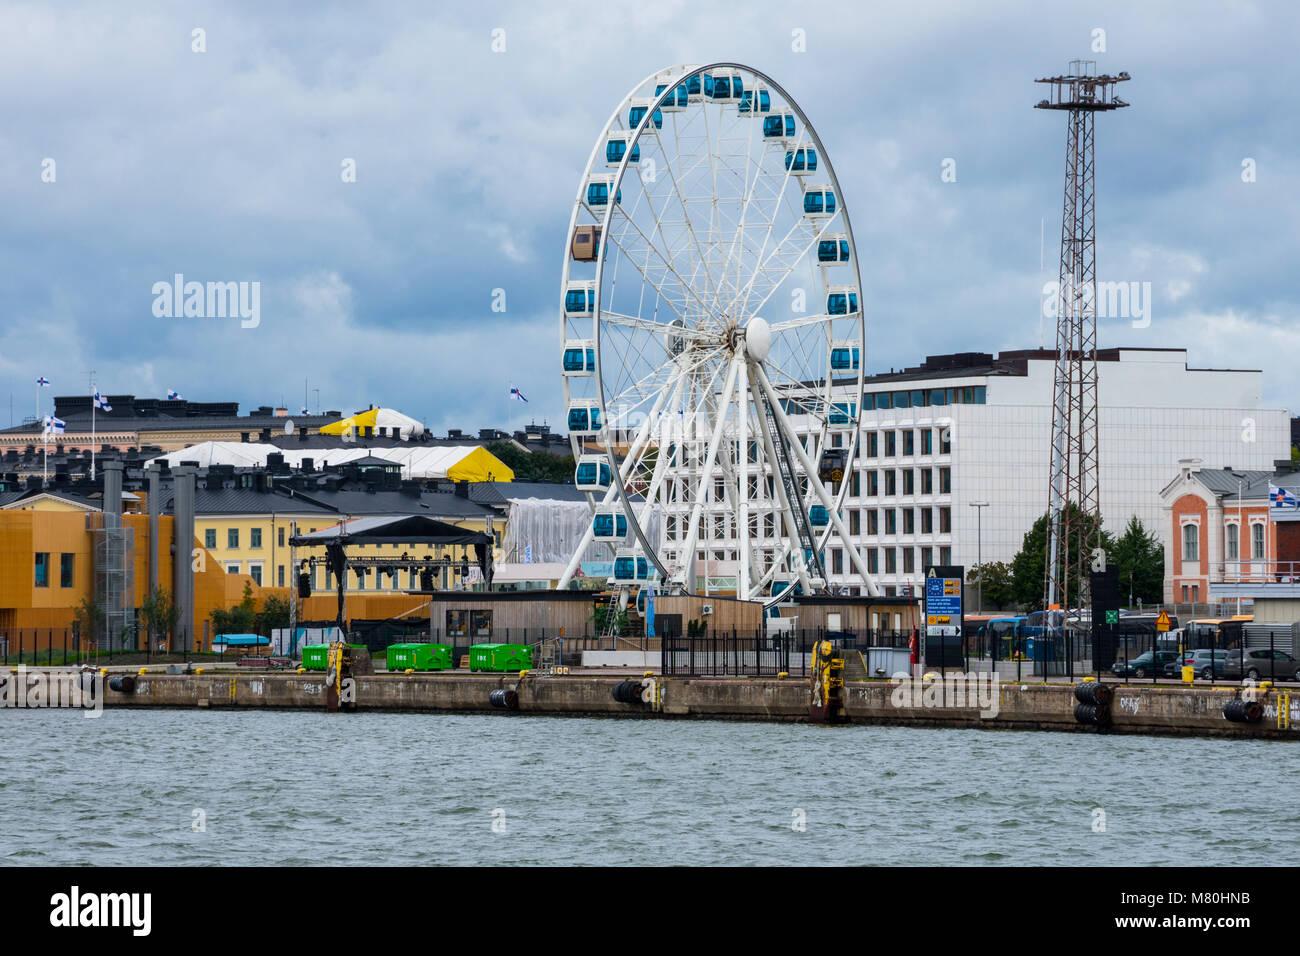 Helsinki, Finland. August 26, 2017. View of Skywheel Helsinki - Stock Image